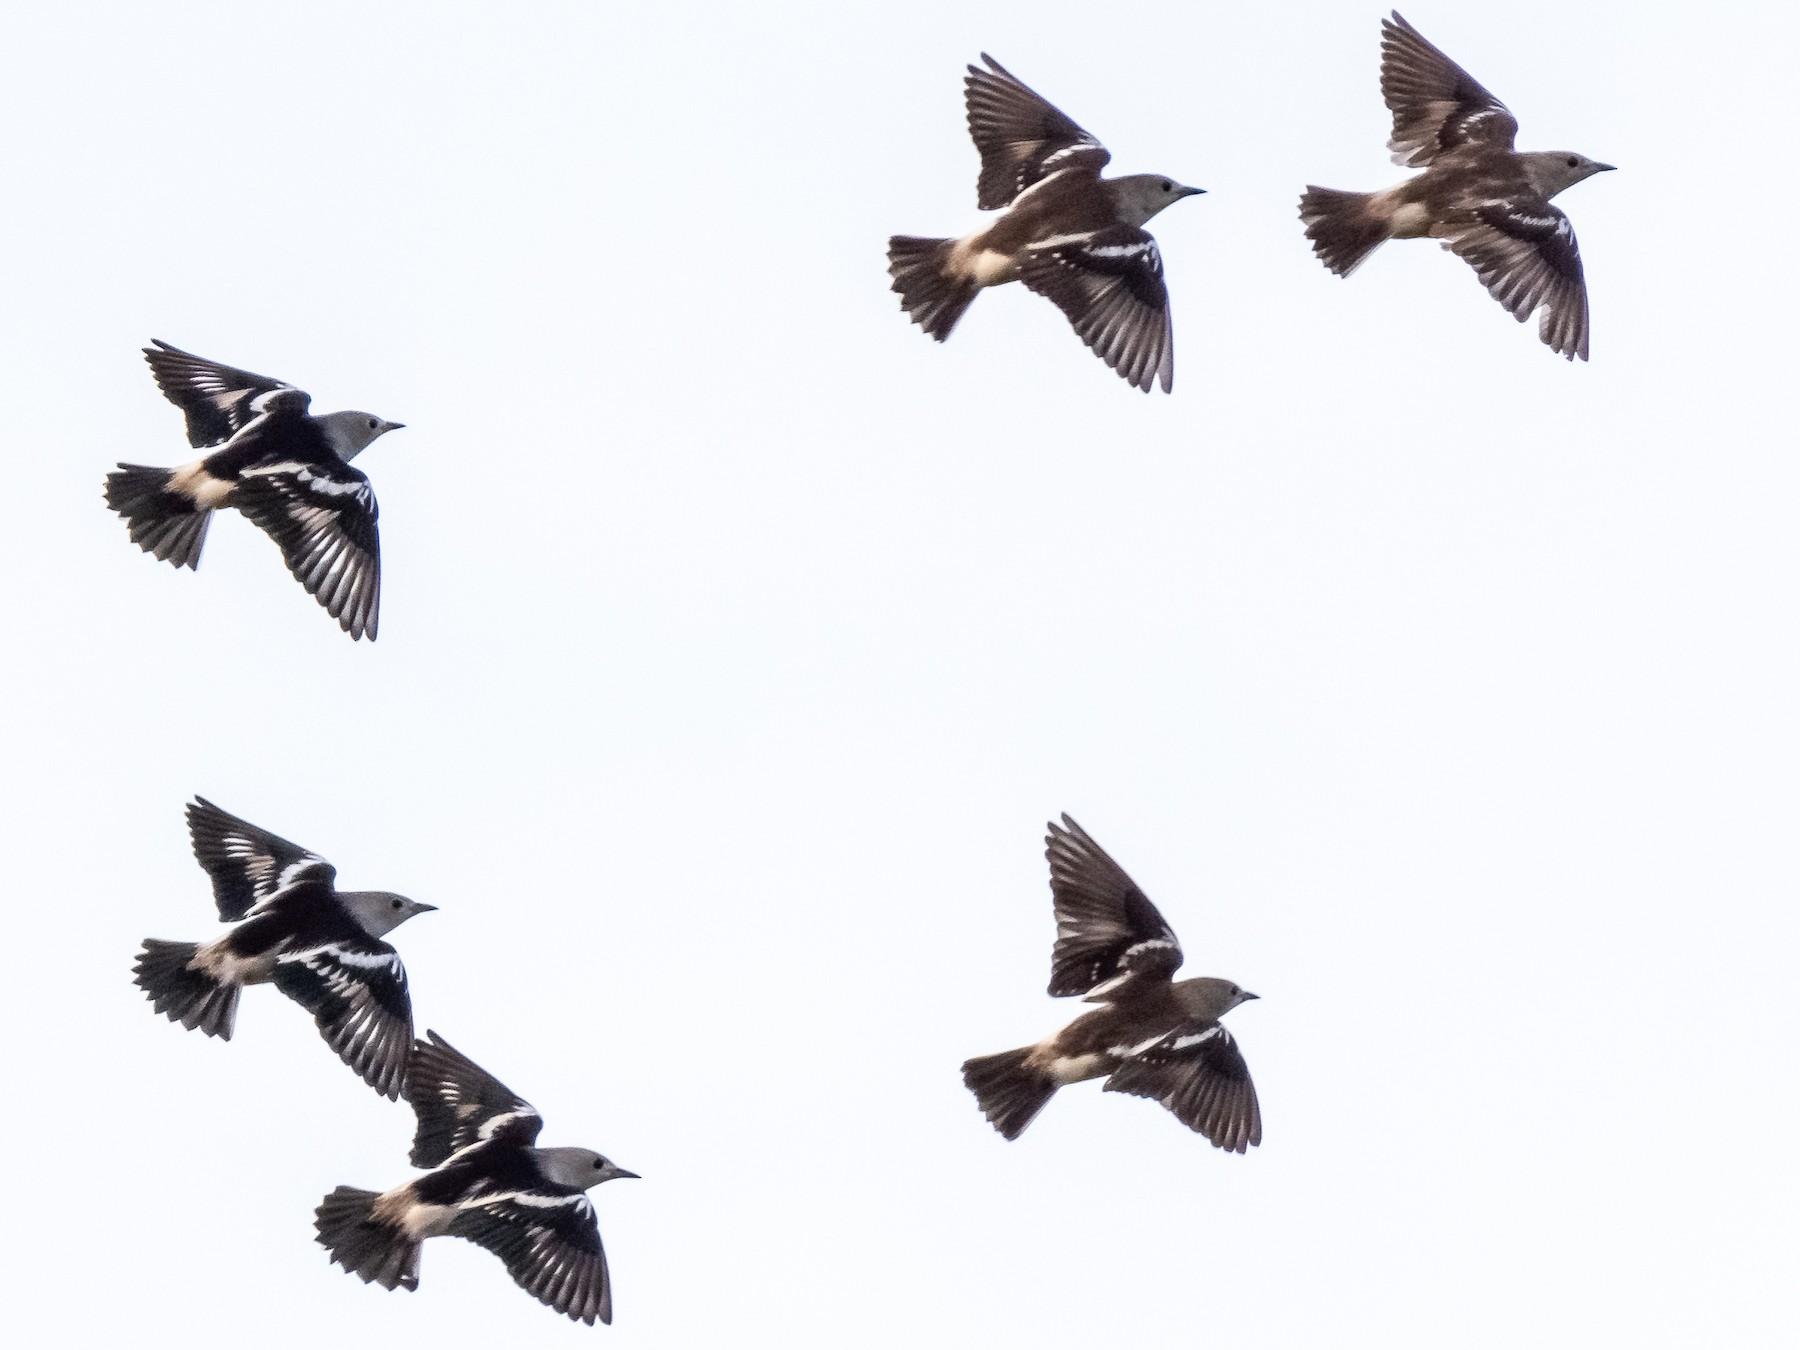 Daurian Starling - Balaji P B